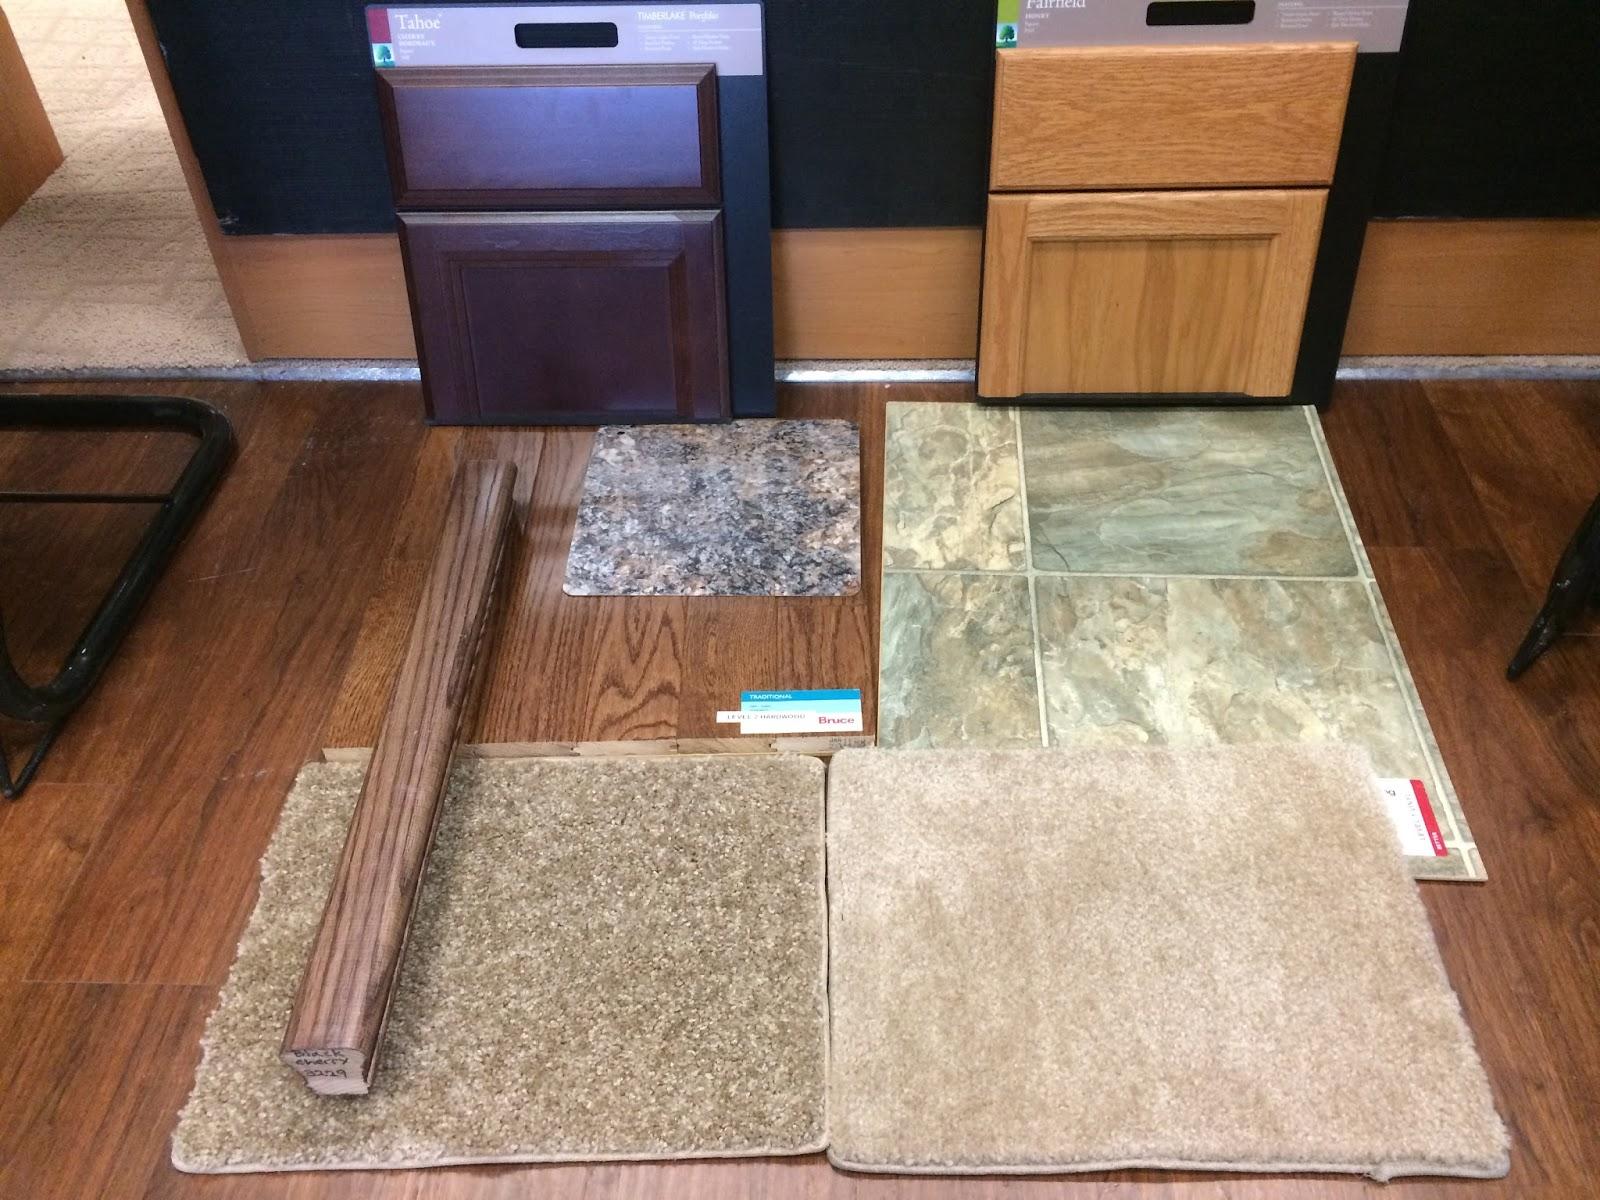 boyle makes color app choices eaier window matching flooring blog designs floors s floor